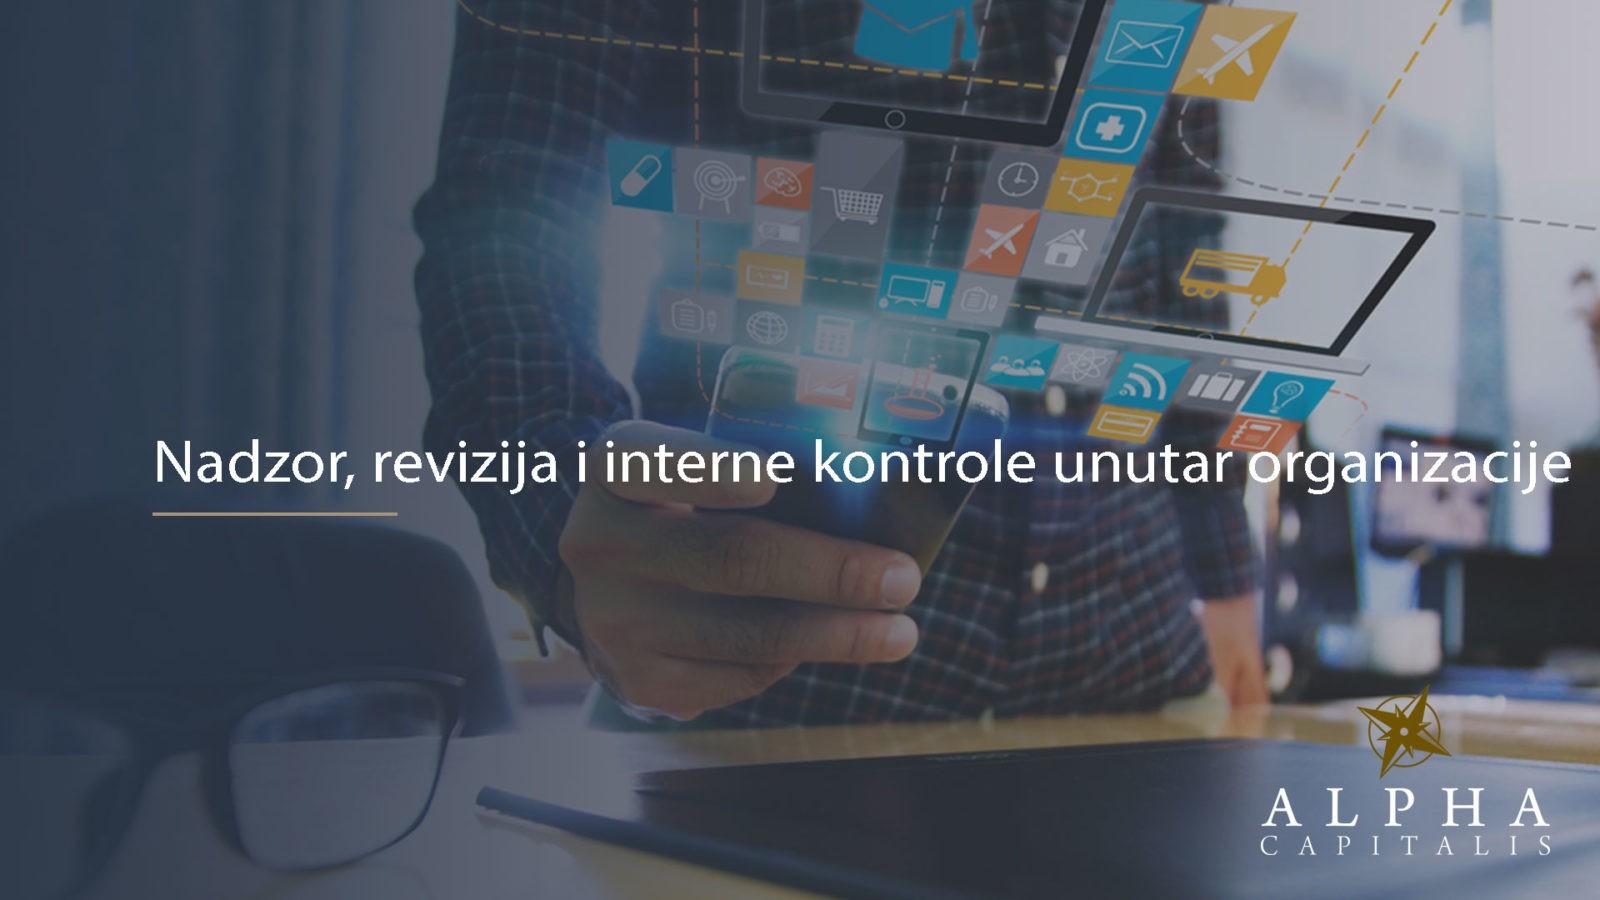 Nadzor 2019 10 30 - Nadzor, revizija i interne kontrole unutar organizacije